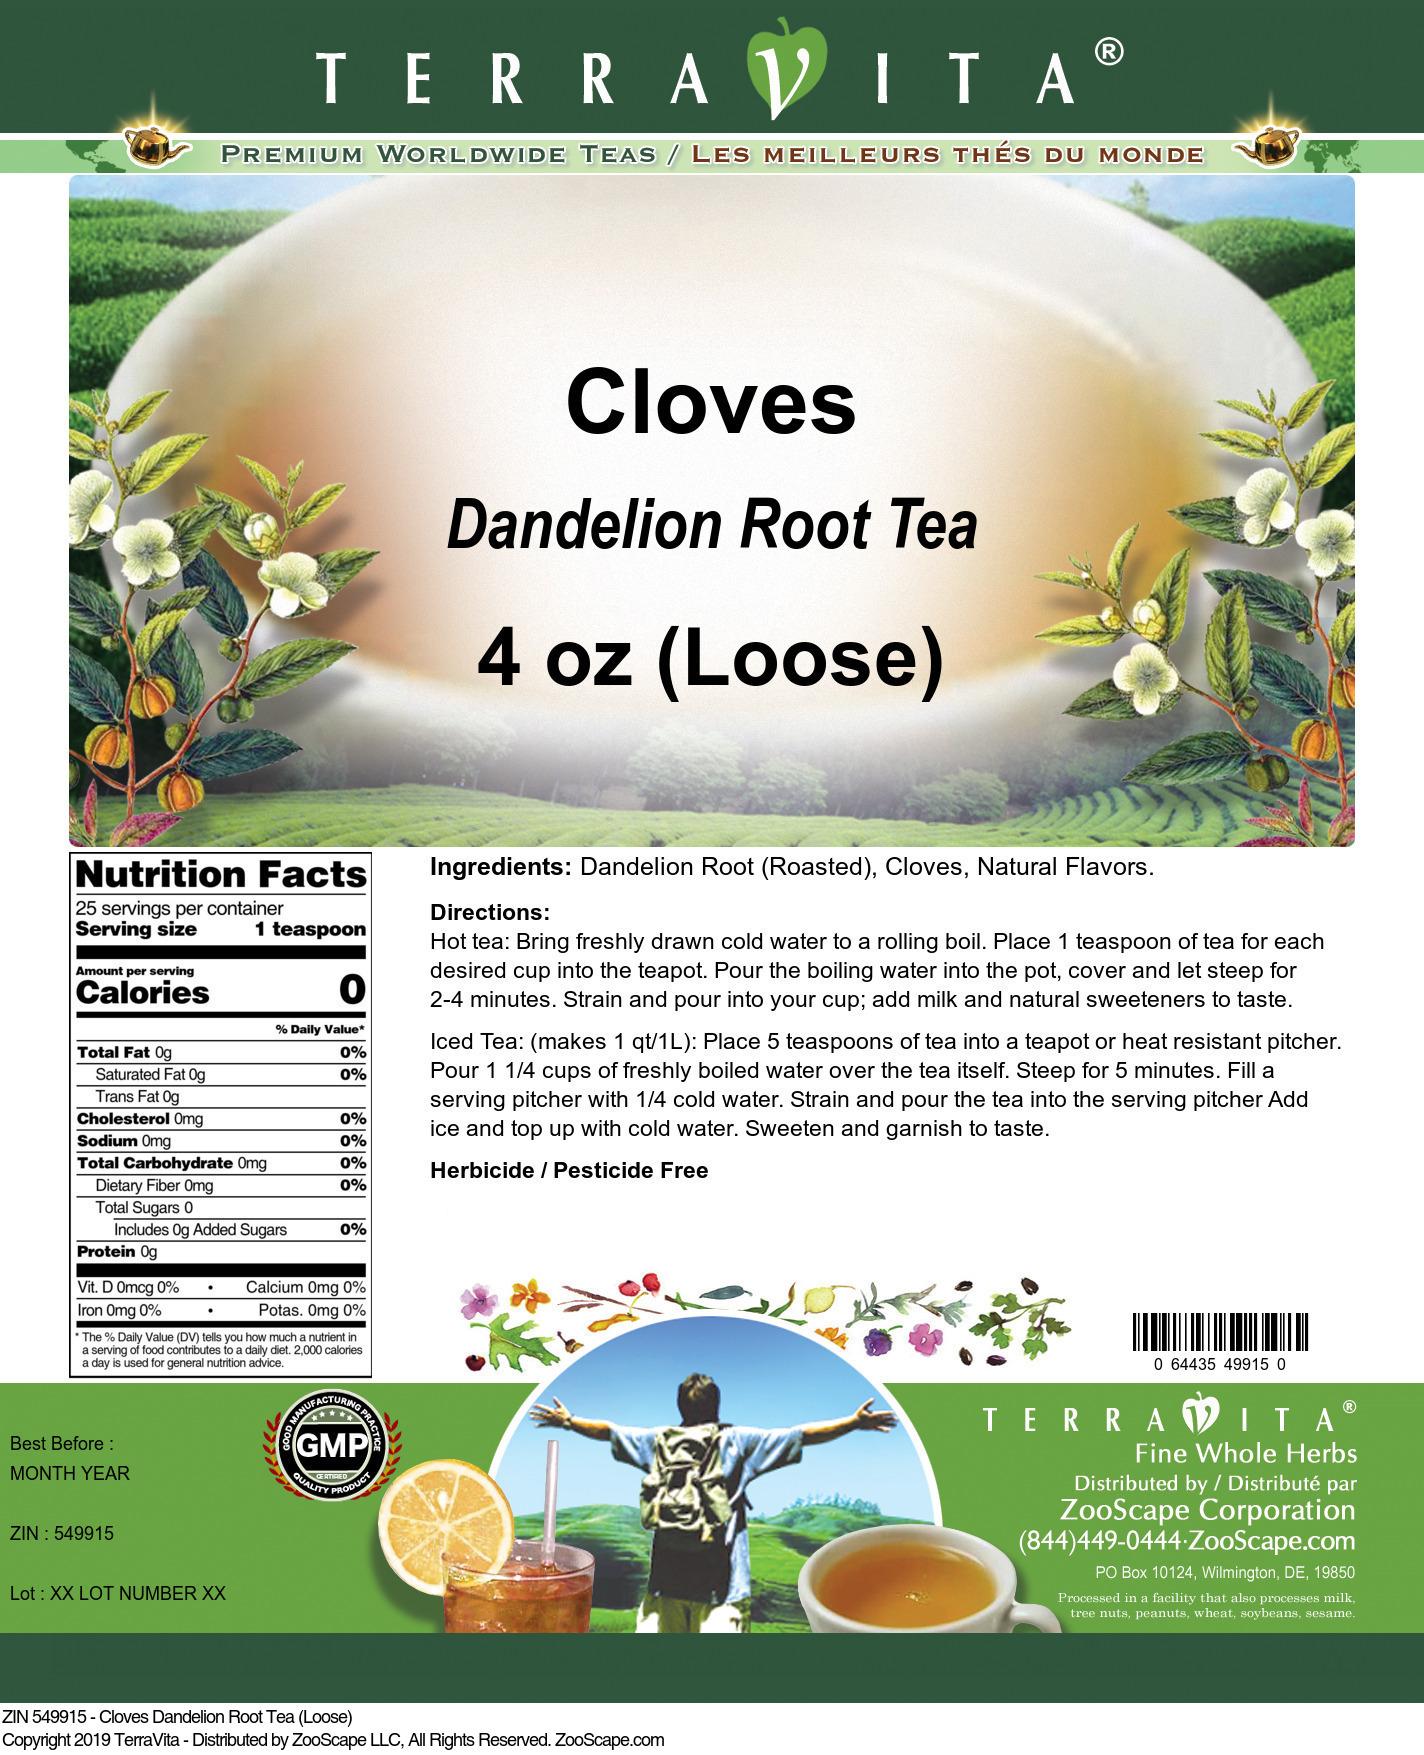 Cloves Dandelion Root